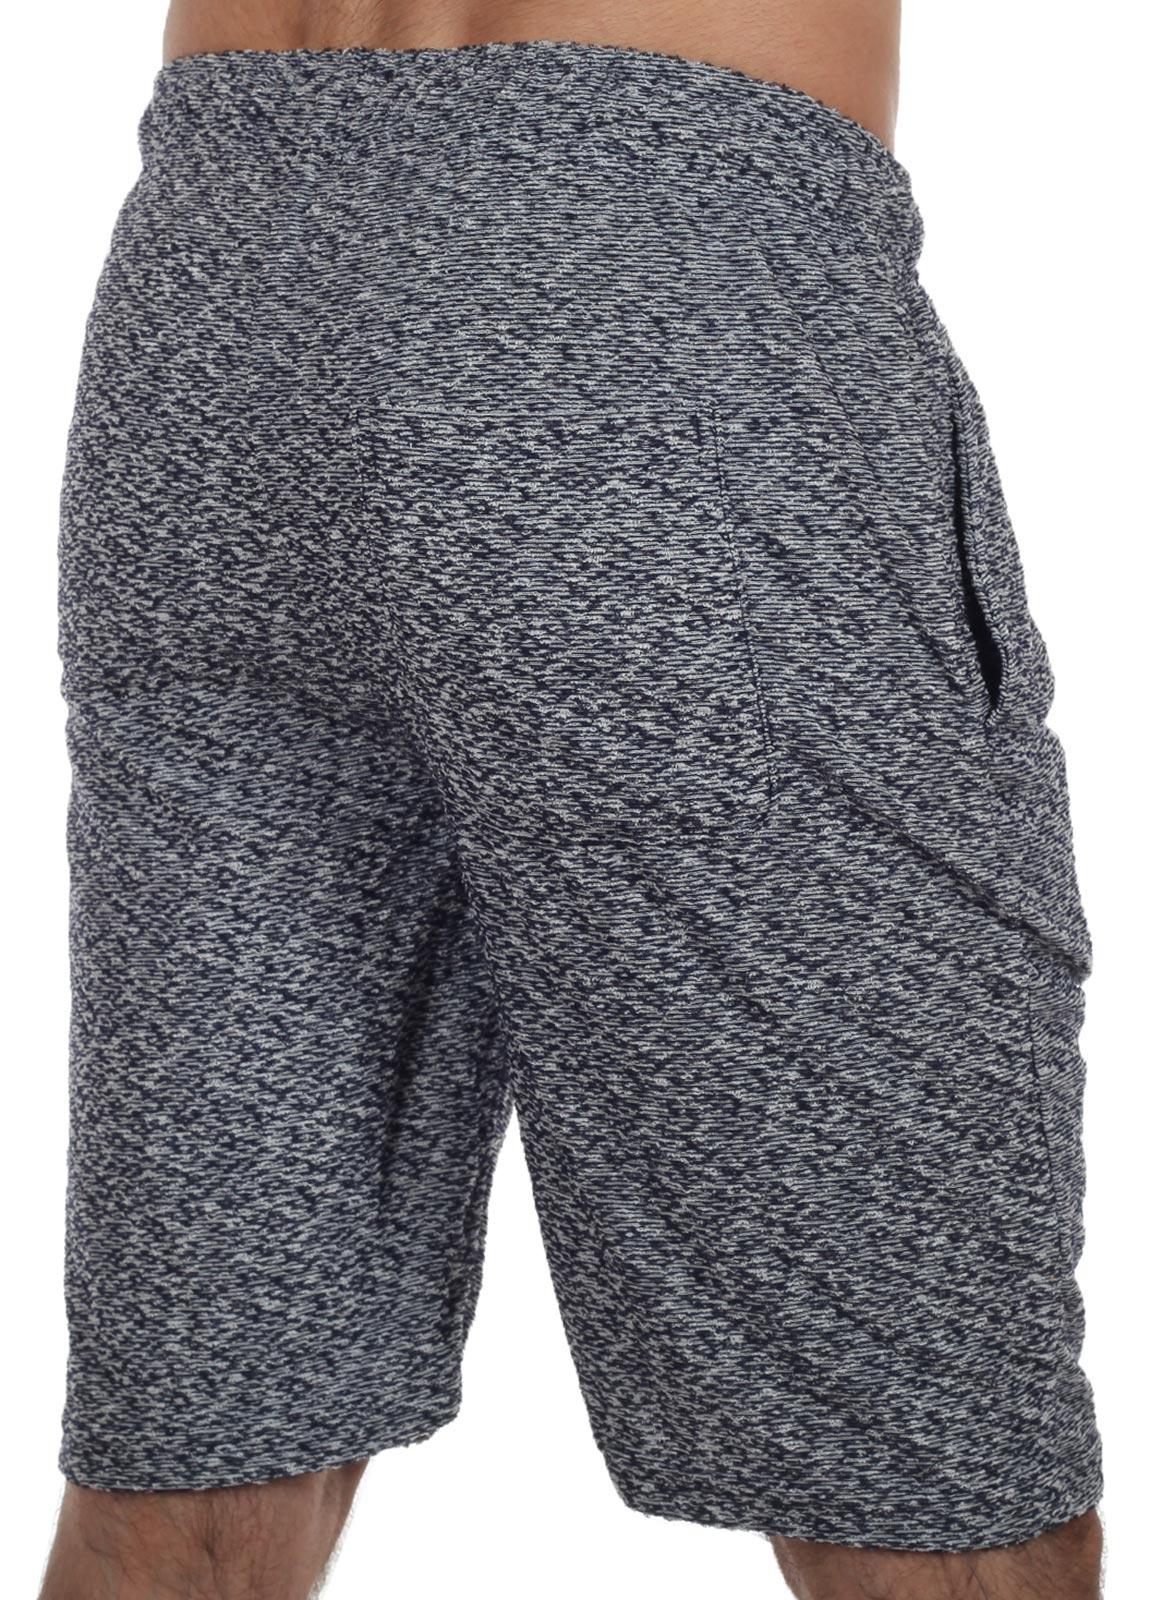 Серые мужские шорты на резинке – недорогая мужская одежда для дома